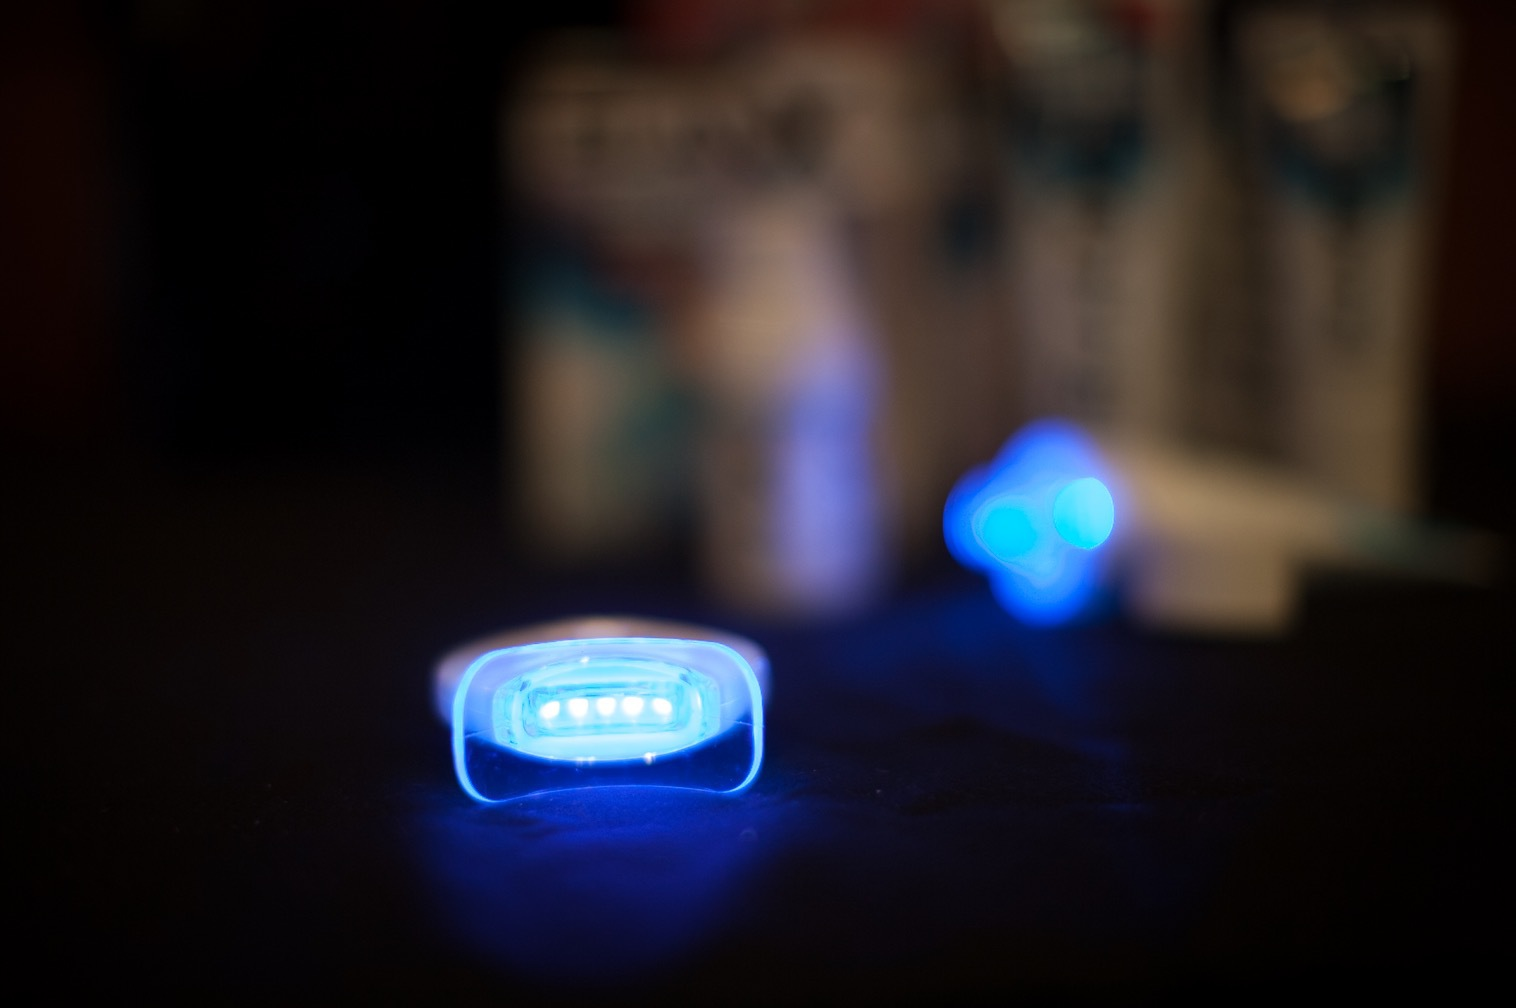 Den vitgörande processen aktiveras av dagsljus så i princip räcker det att gå ut i dagsljus för att reaktionen ska sättas igång. Men nu är det ju skitmörkt i Sverige så då får man använda en ledlampa!